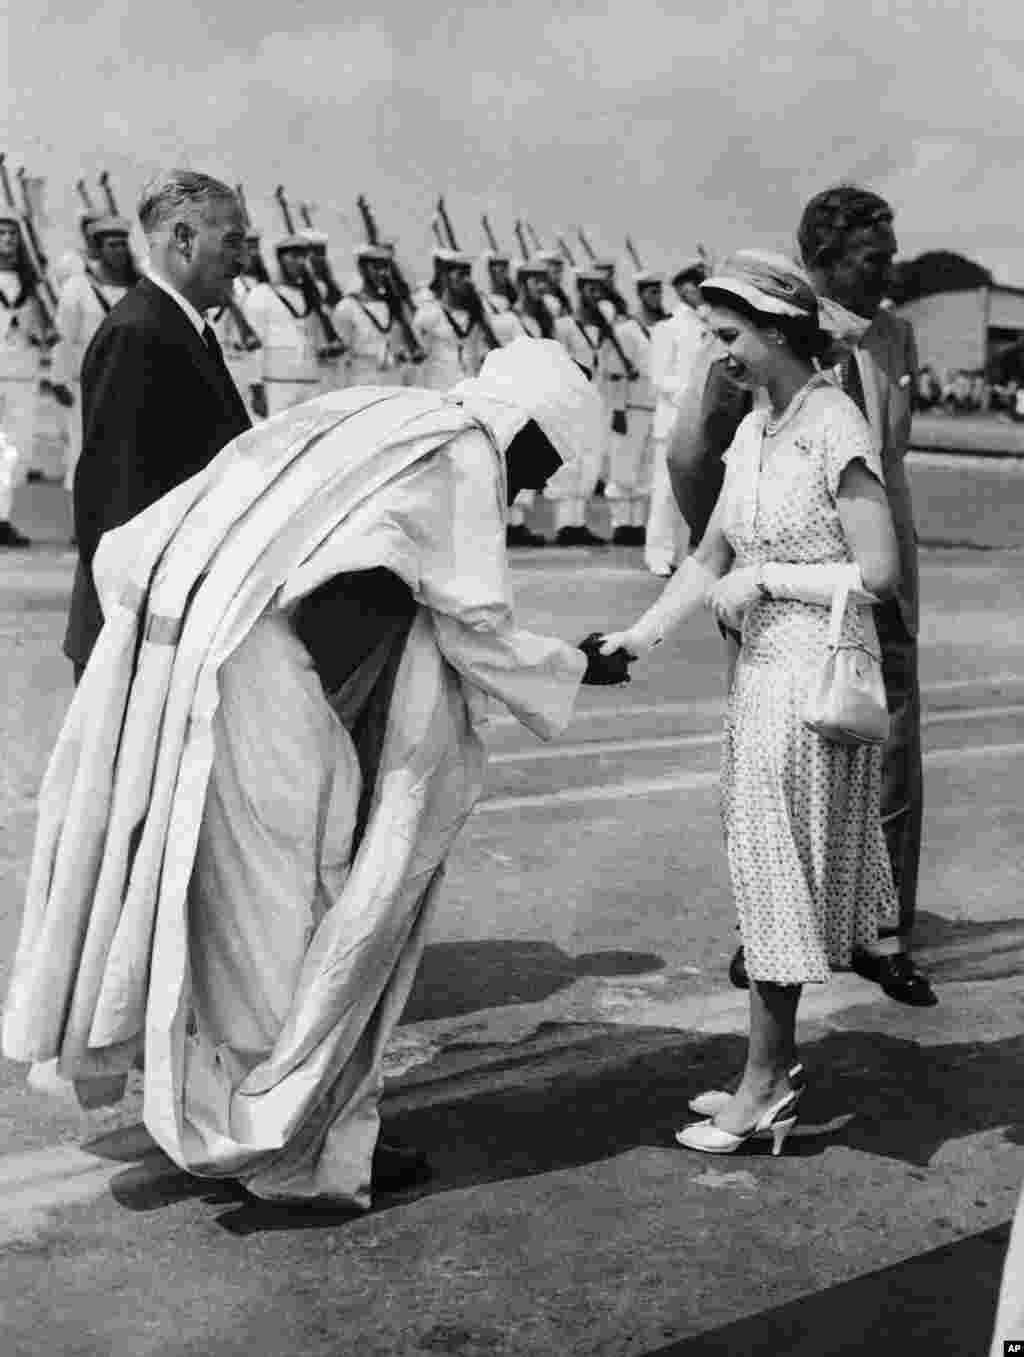 Sarauniya Elizabeth II ta Ingila tana gaisawa da Abubakar Tafawa Balewa, ministan sufuri na Najeriya a ranar 10 Fabrairu 1956, a bayan bude sabuwar tashar ruwan Apapa a Lagos. A tsaye a bayan sarauniyar, gwamna-janar na Najeriya ne, Sir James Robertson.